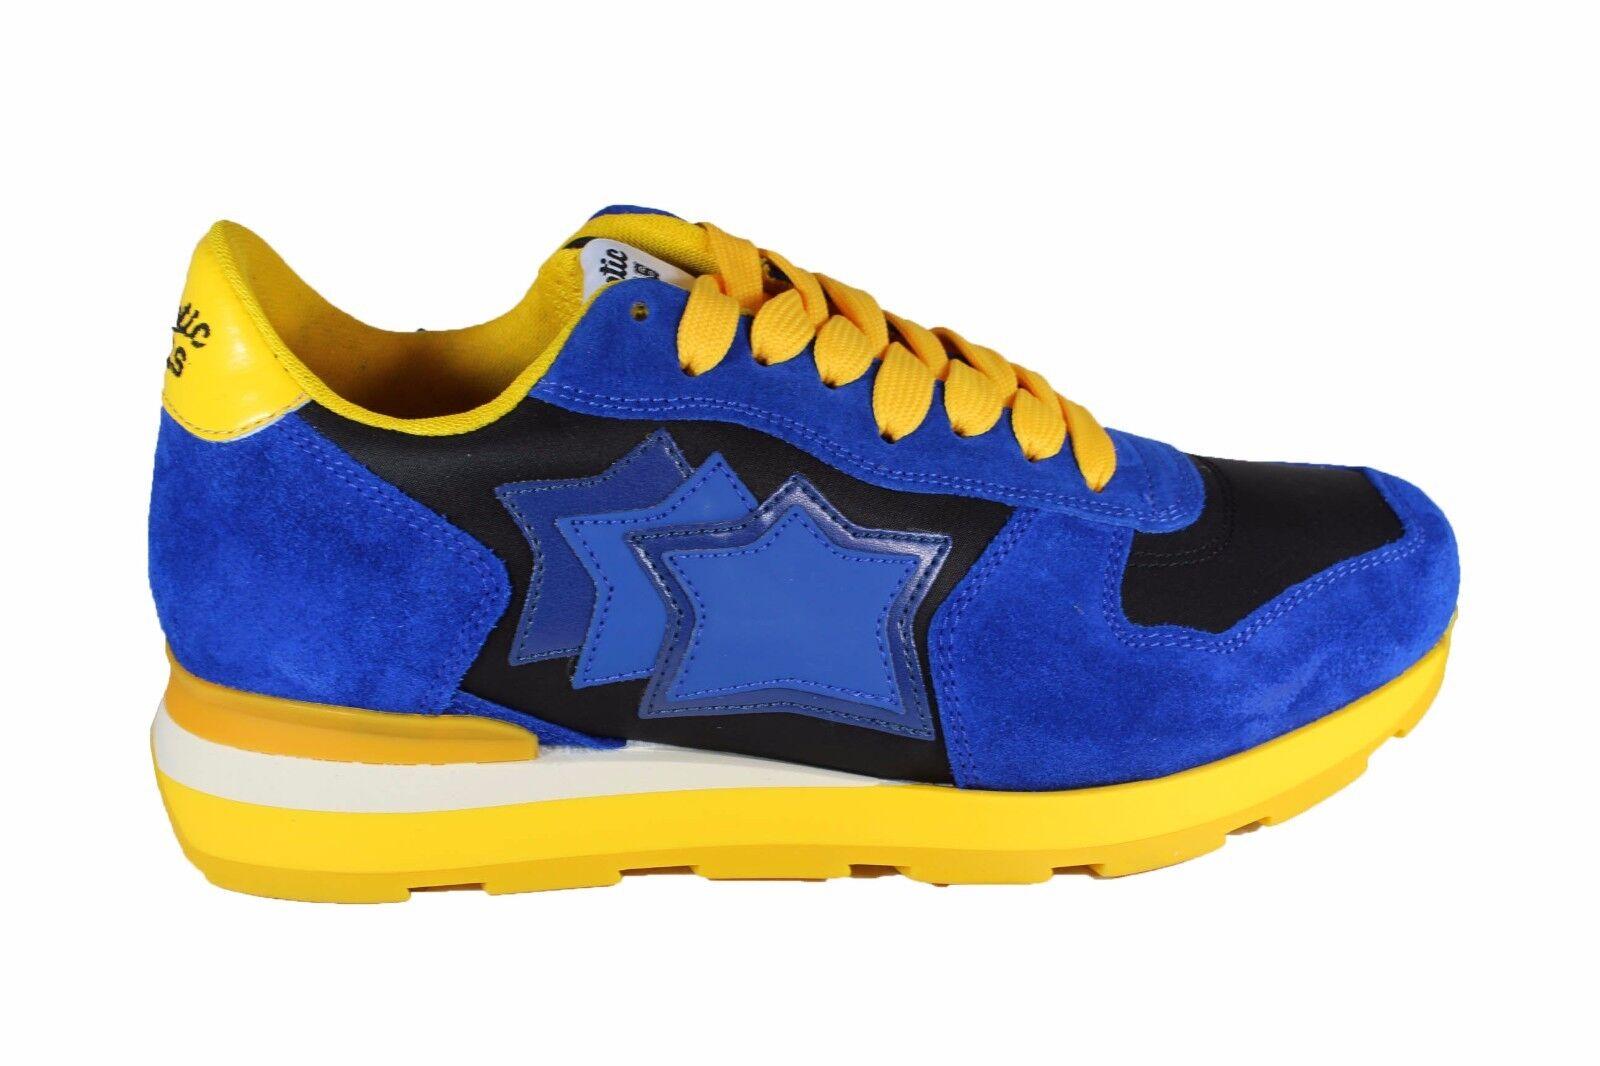 ATLANTIC STARS azul ante zapatillas ANTAR de ante azul STARS amarillo P/V 2018 63a7b1